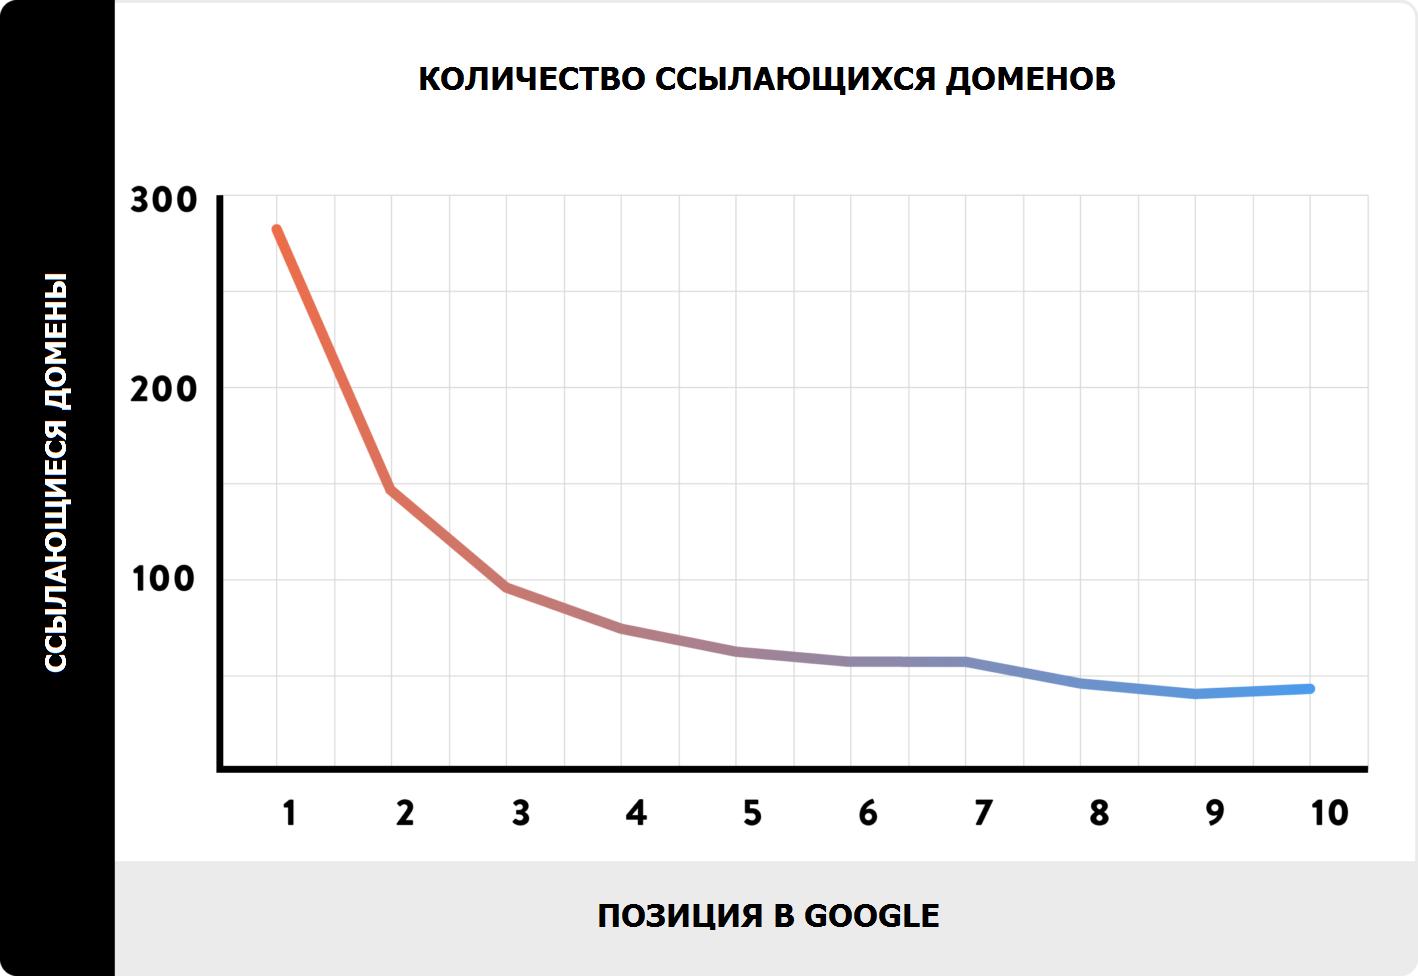 Обратные ссылки коррелируют с позицией в результатах поиска